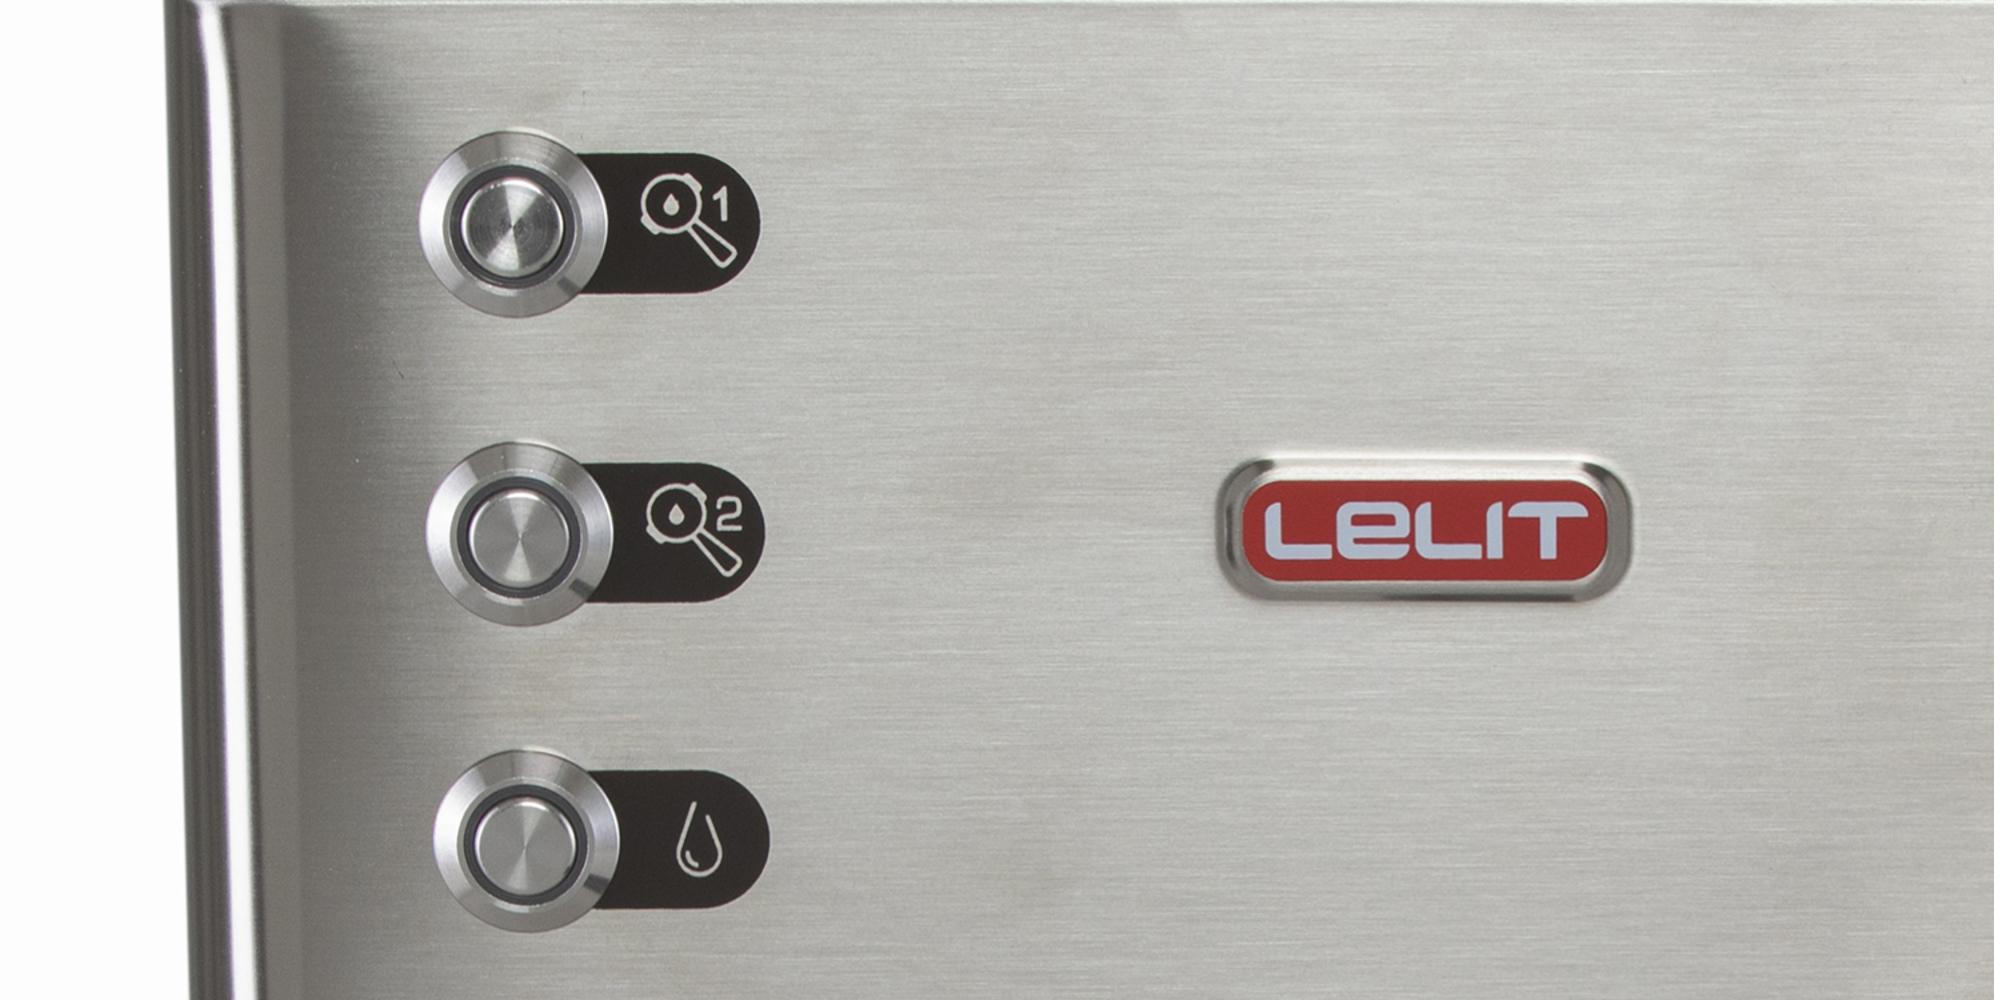 lelit-elizabeth-pl92t-programmable-coffee-doses-cropped.jpg